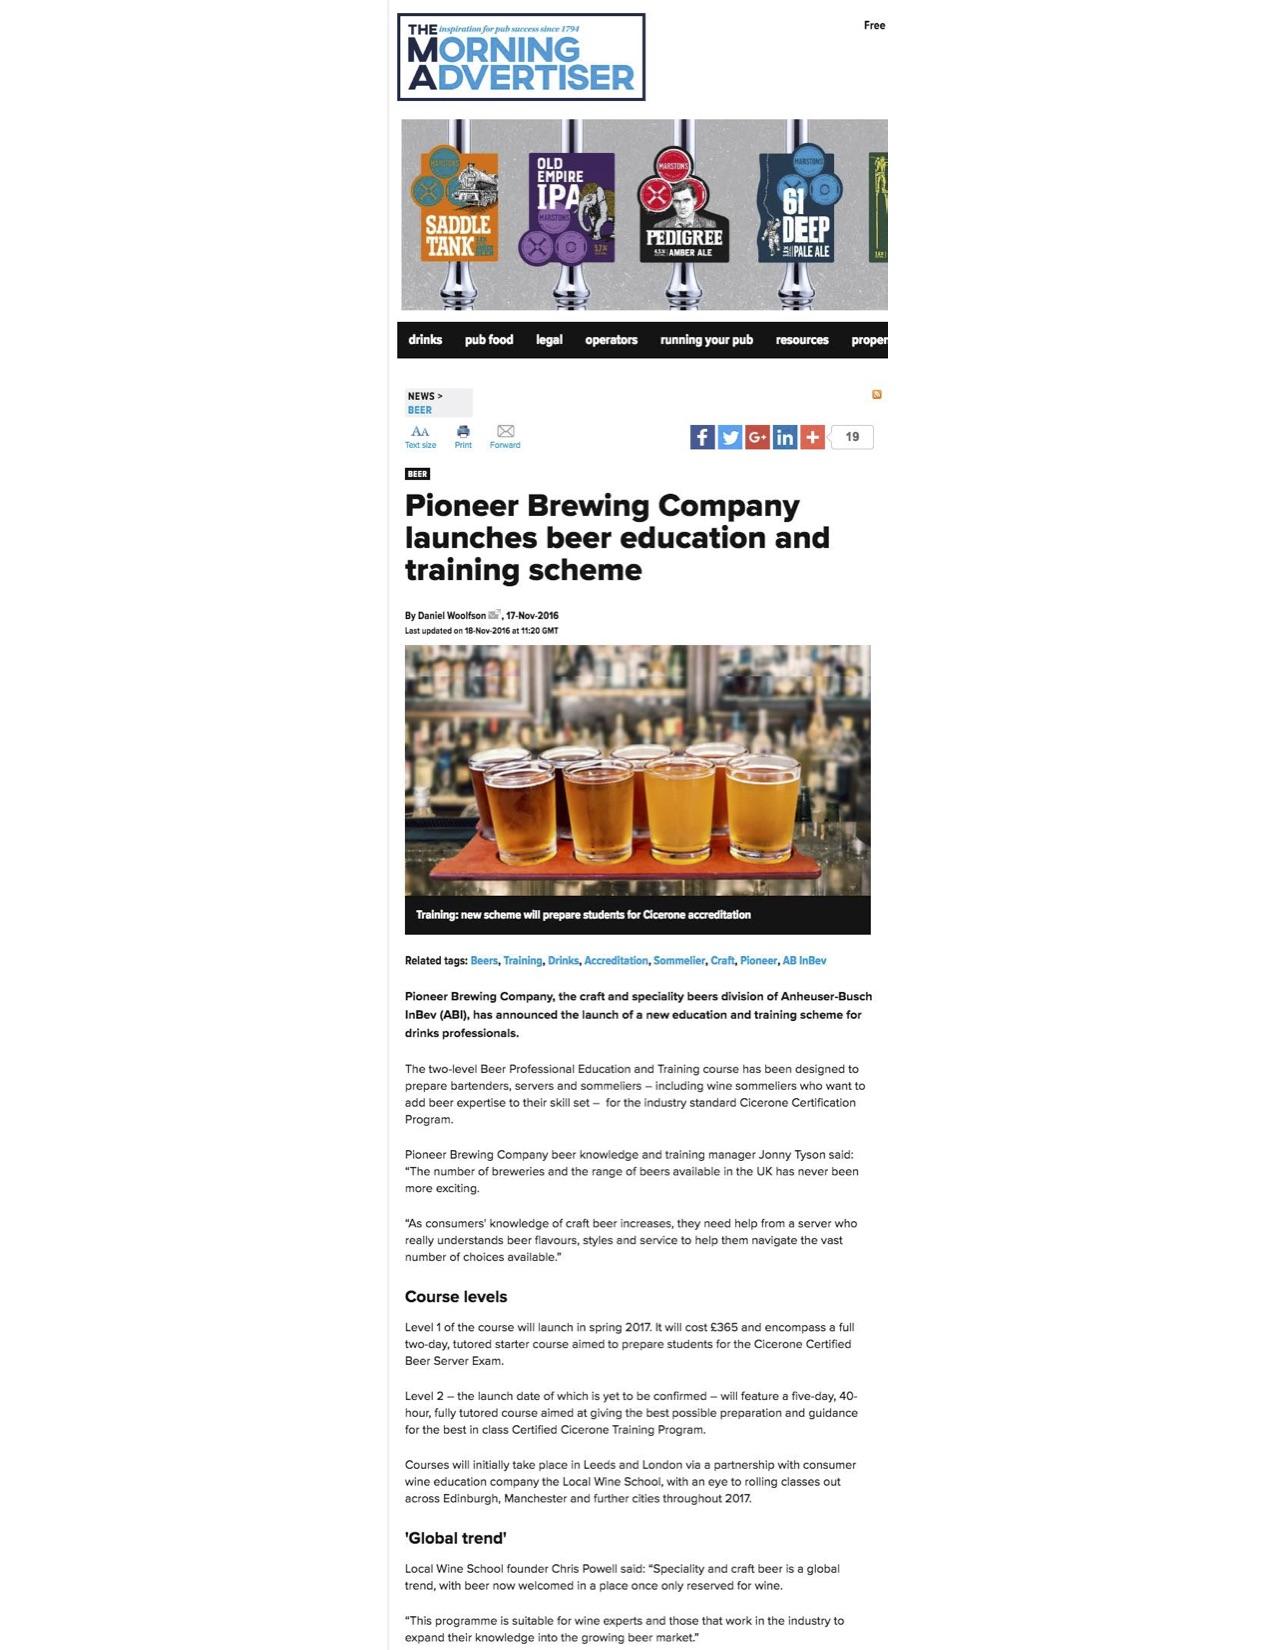 TheMorningAdvertiser_BeerSchool_18Nov16.jpg